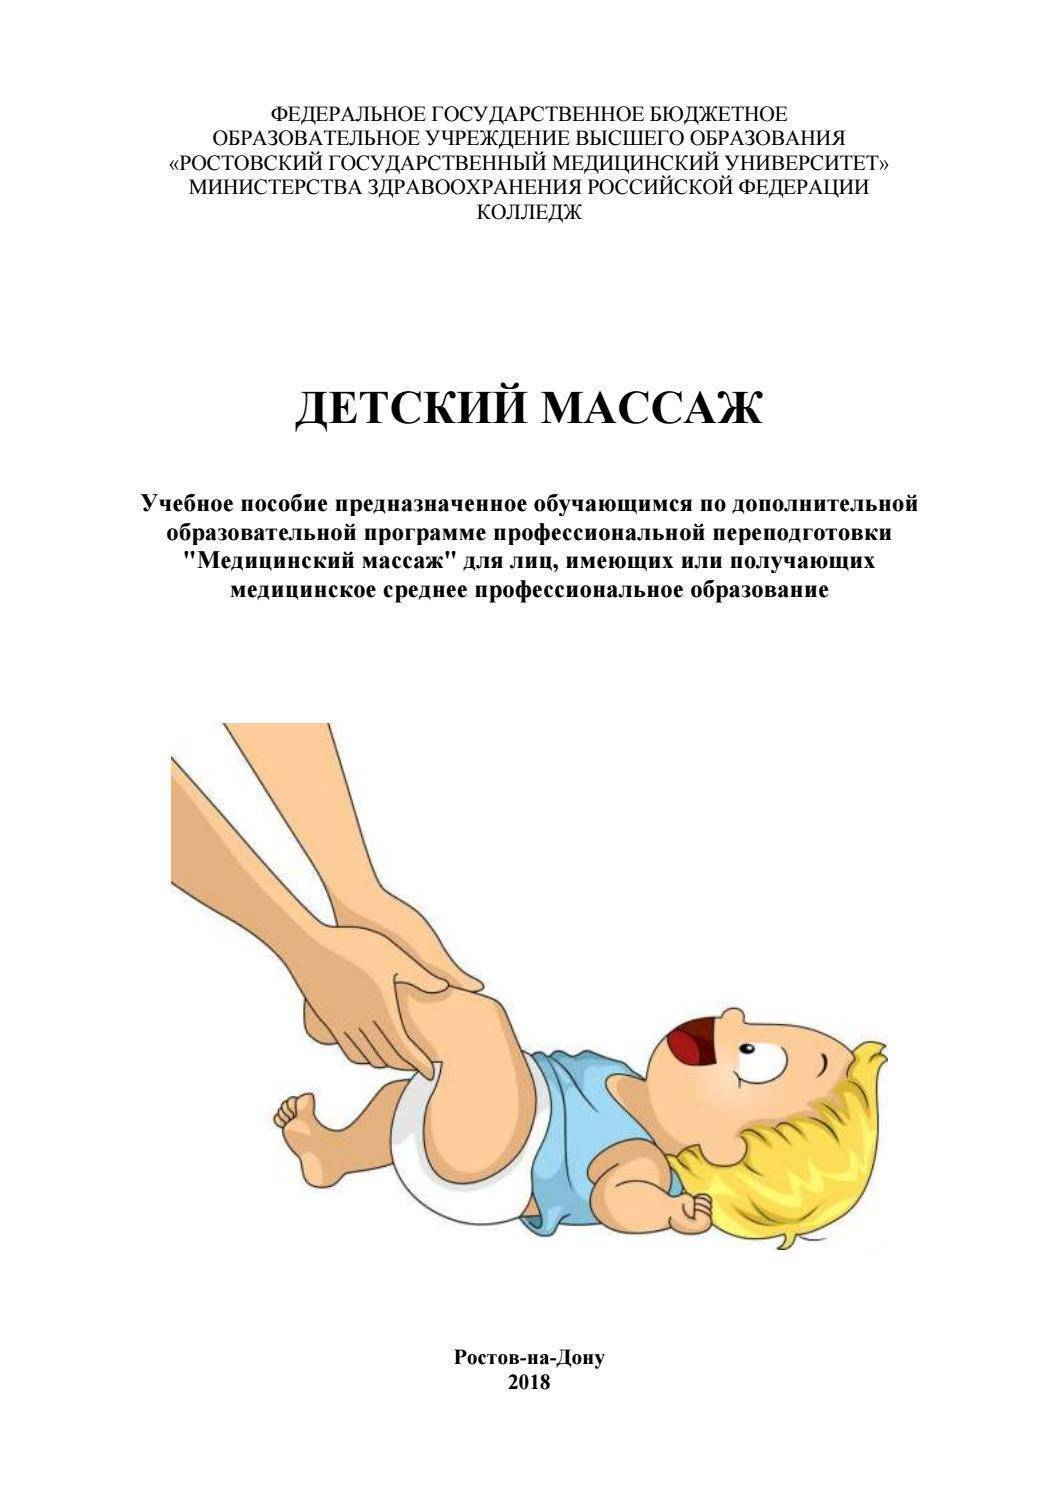 Гимнастика для малышей 3 6 месяцев, массаж 3 6 месяцев гимнастика для малышей 3 месяца